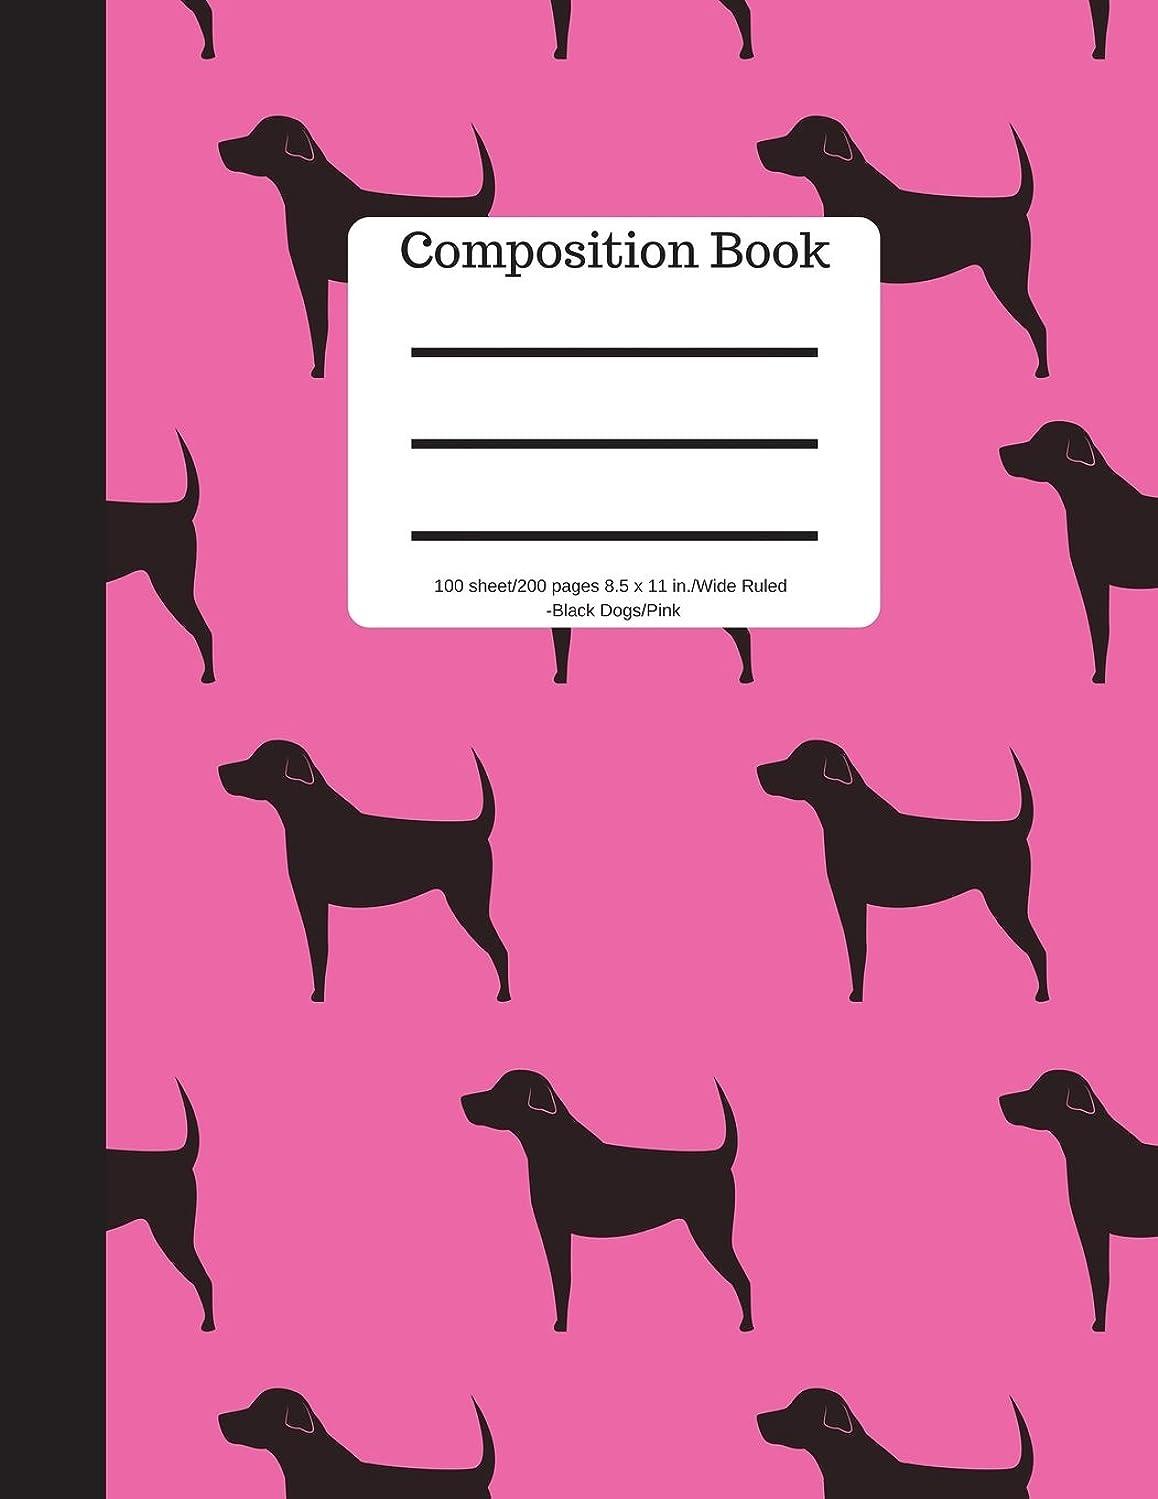 市の花やる無視できるComposition Book 100 sheet/200 pages 8.5 x 11 in.-Wide Ruled-Black Dogs Pink: Puppy Notebook for School Kids | Student Journal | Writing Composition Book | Soft Cover